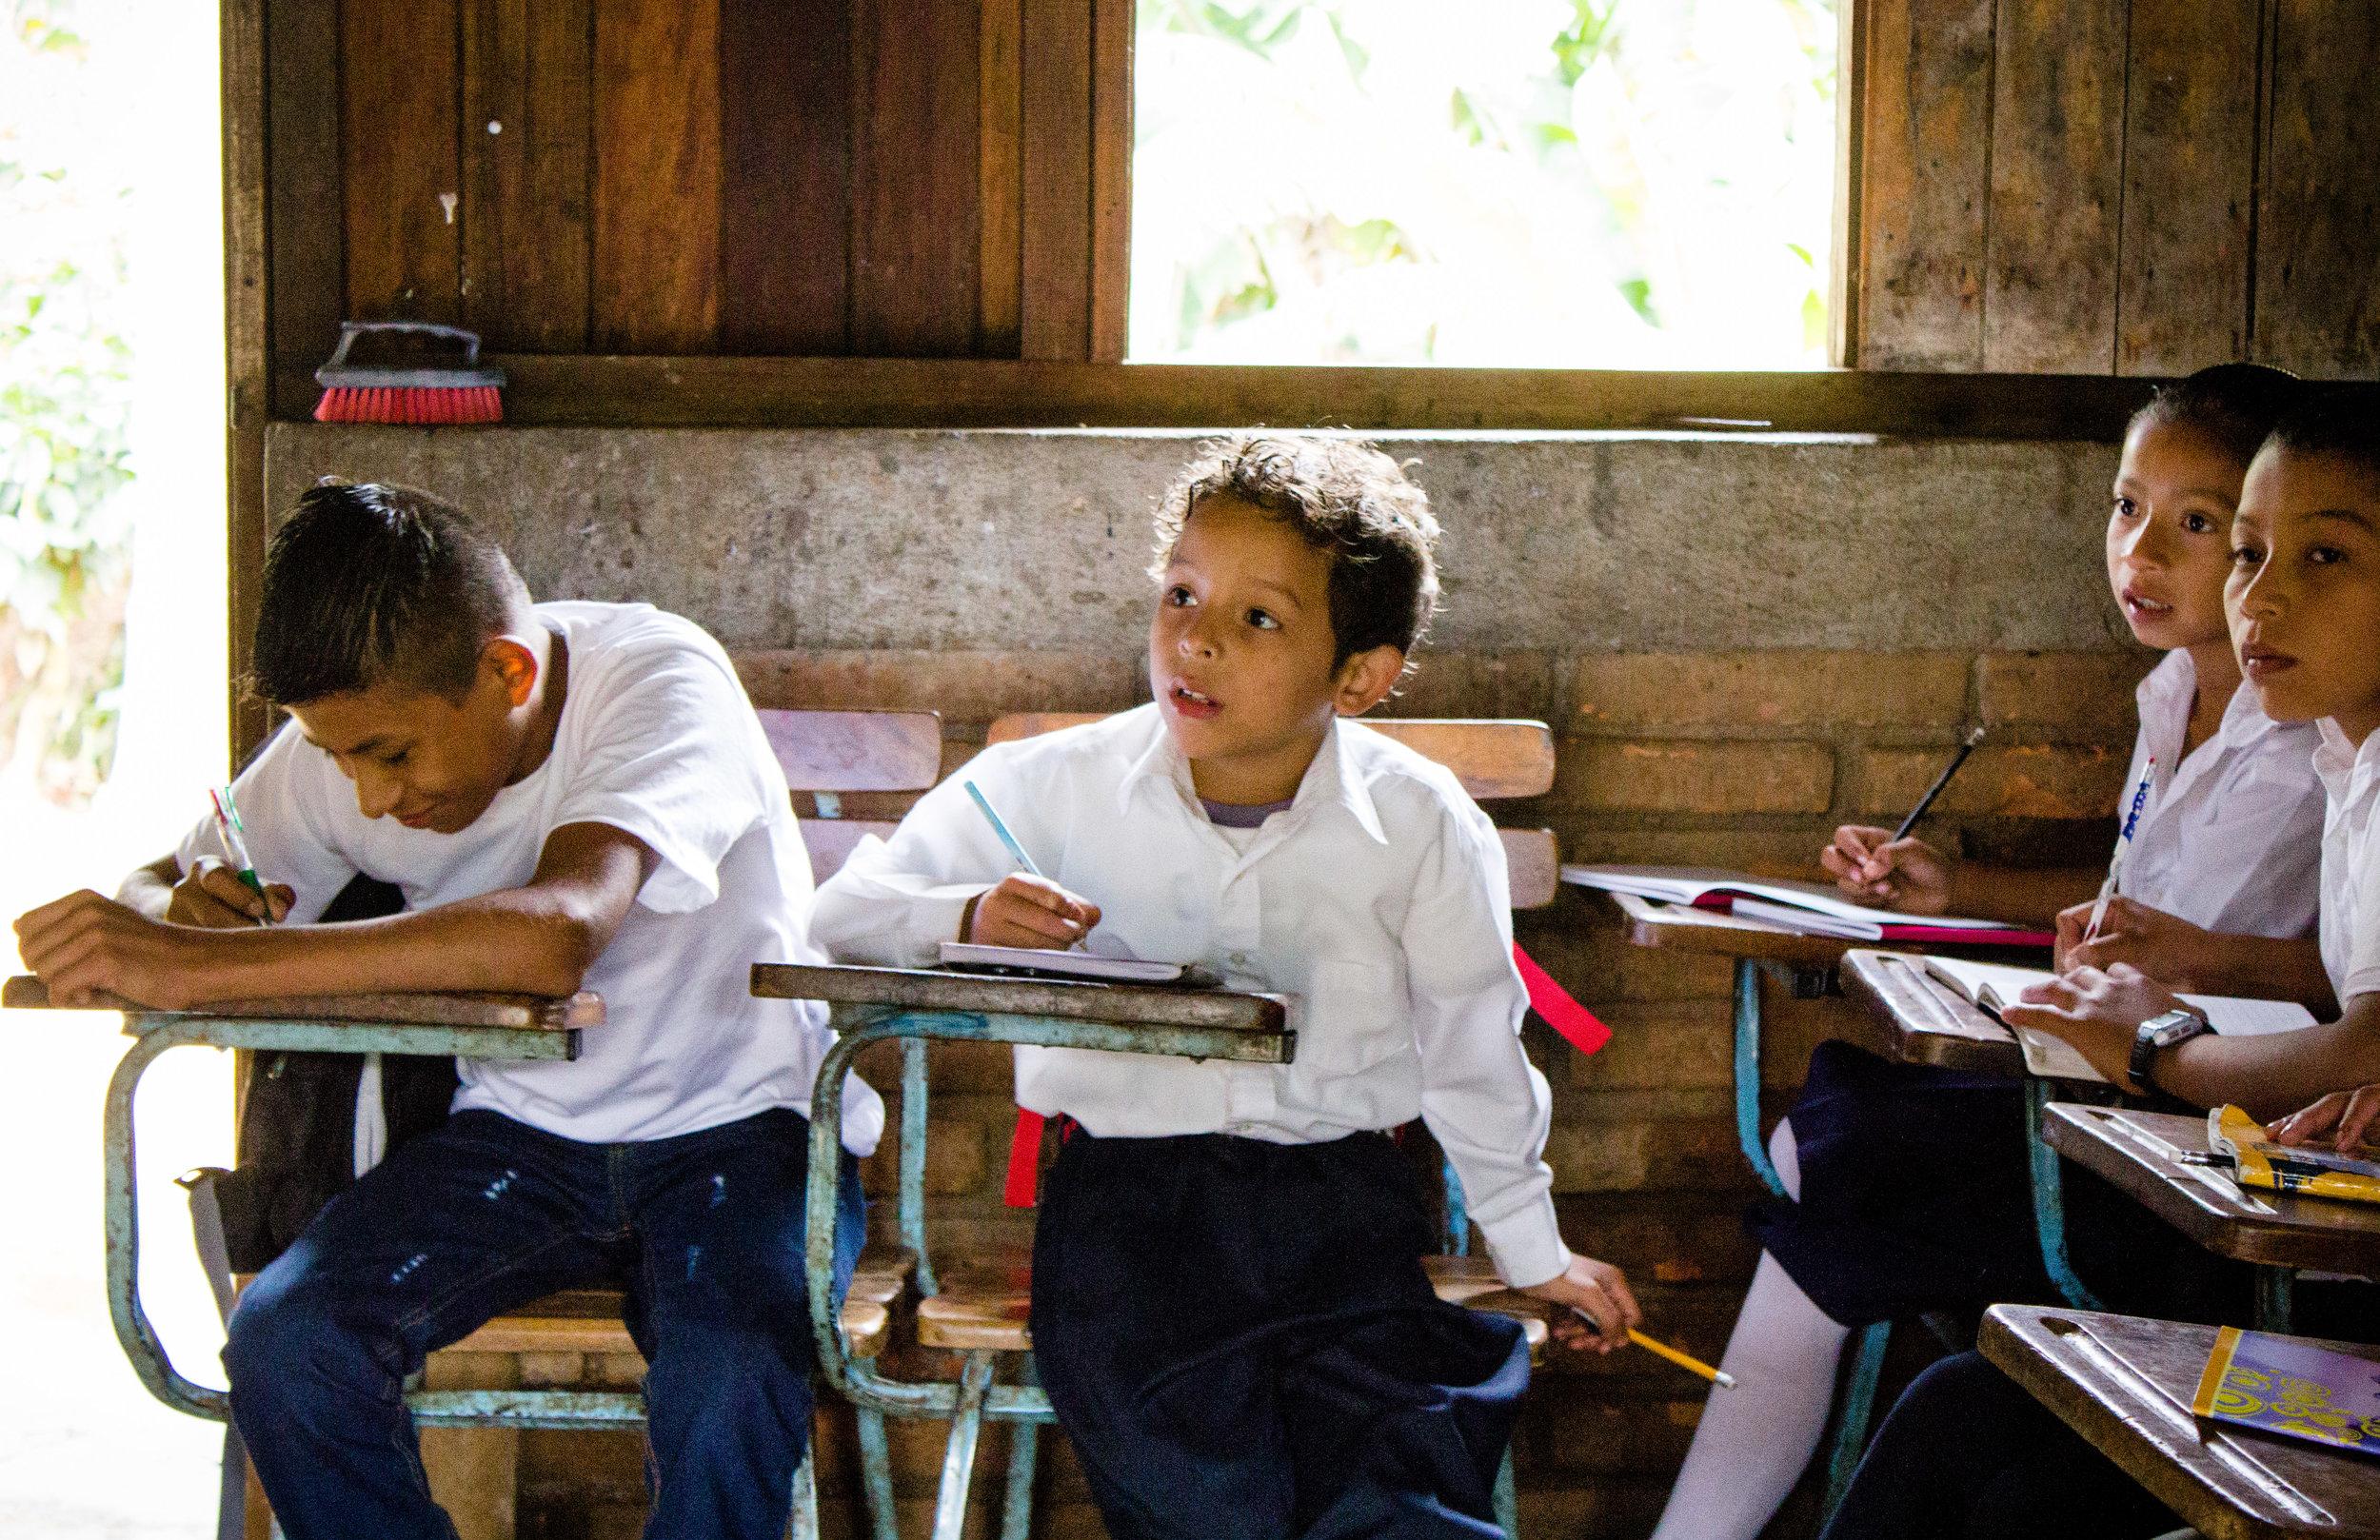 Project-Alianza-Children-Learning-In-Classroom.jpg